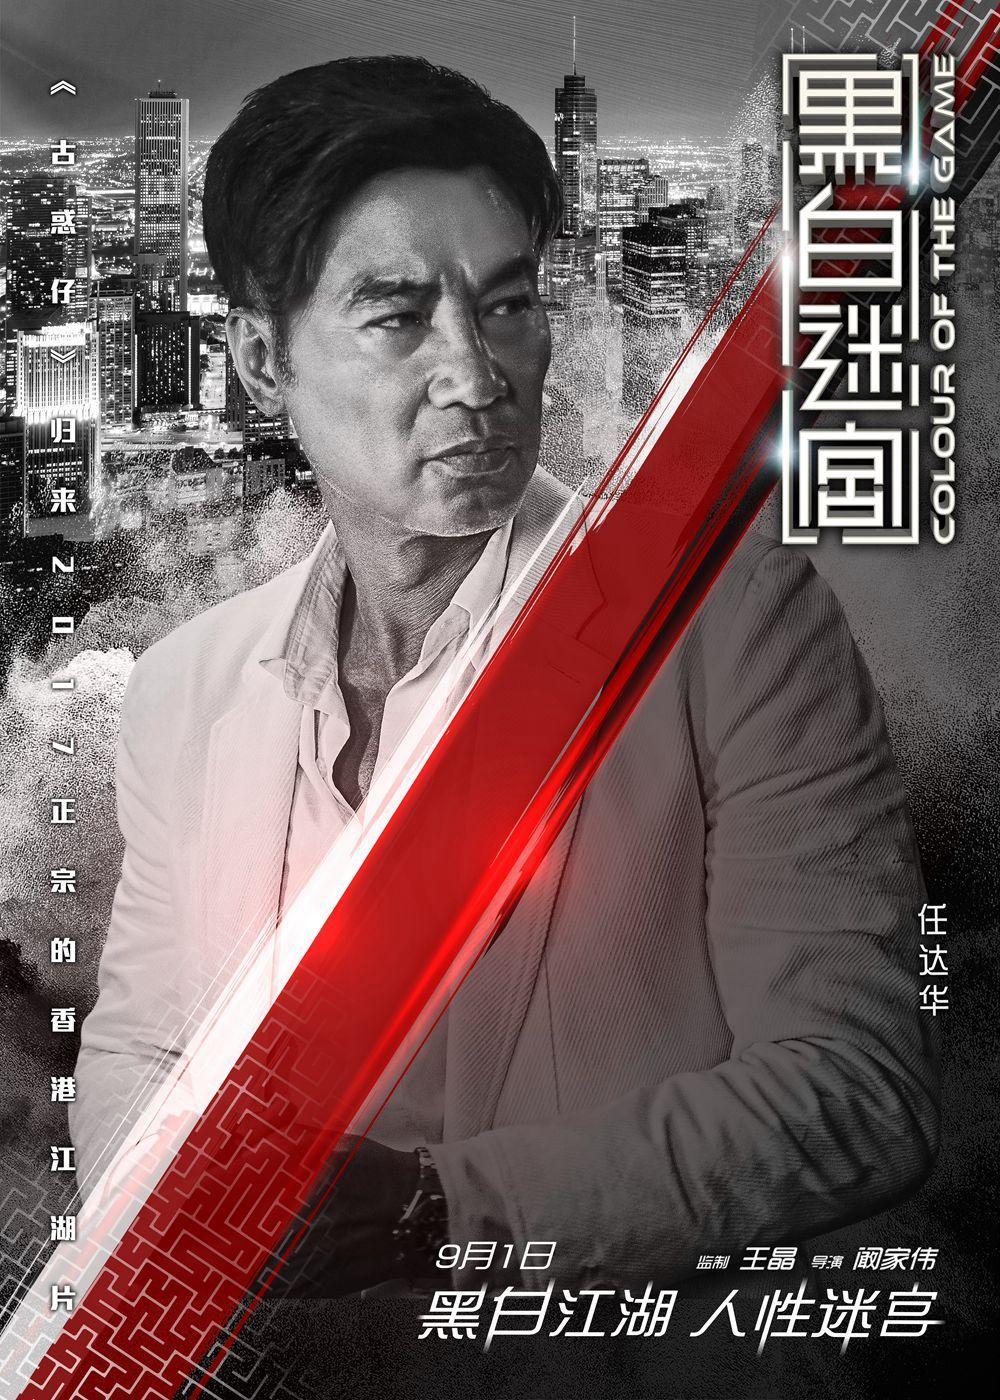 黑白迷宫 发布人物海报 任达华陈小春兄弟开战